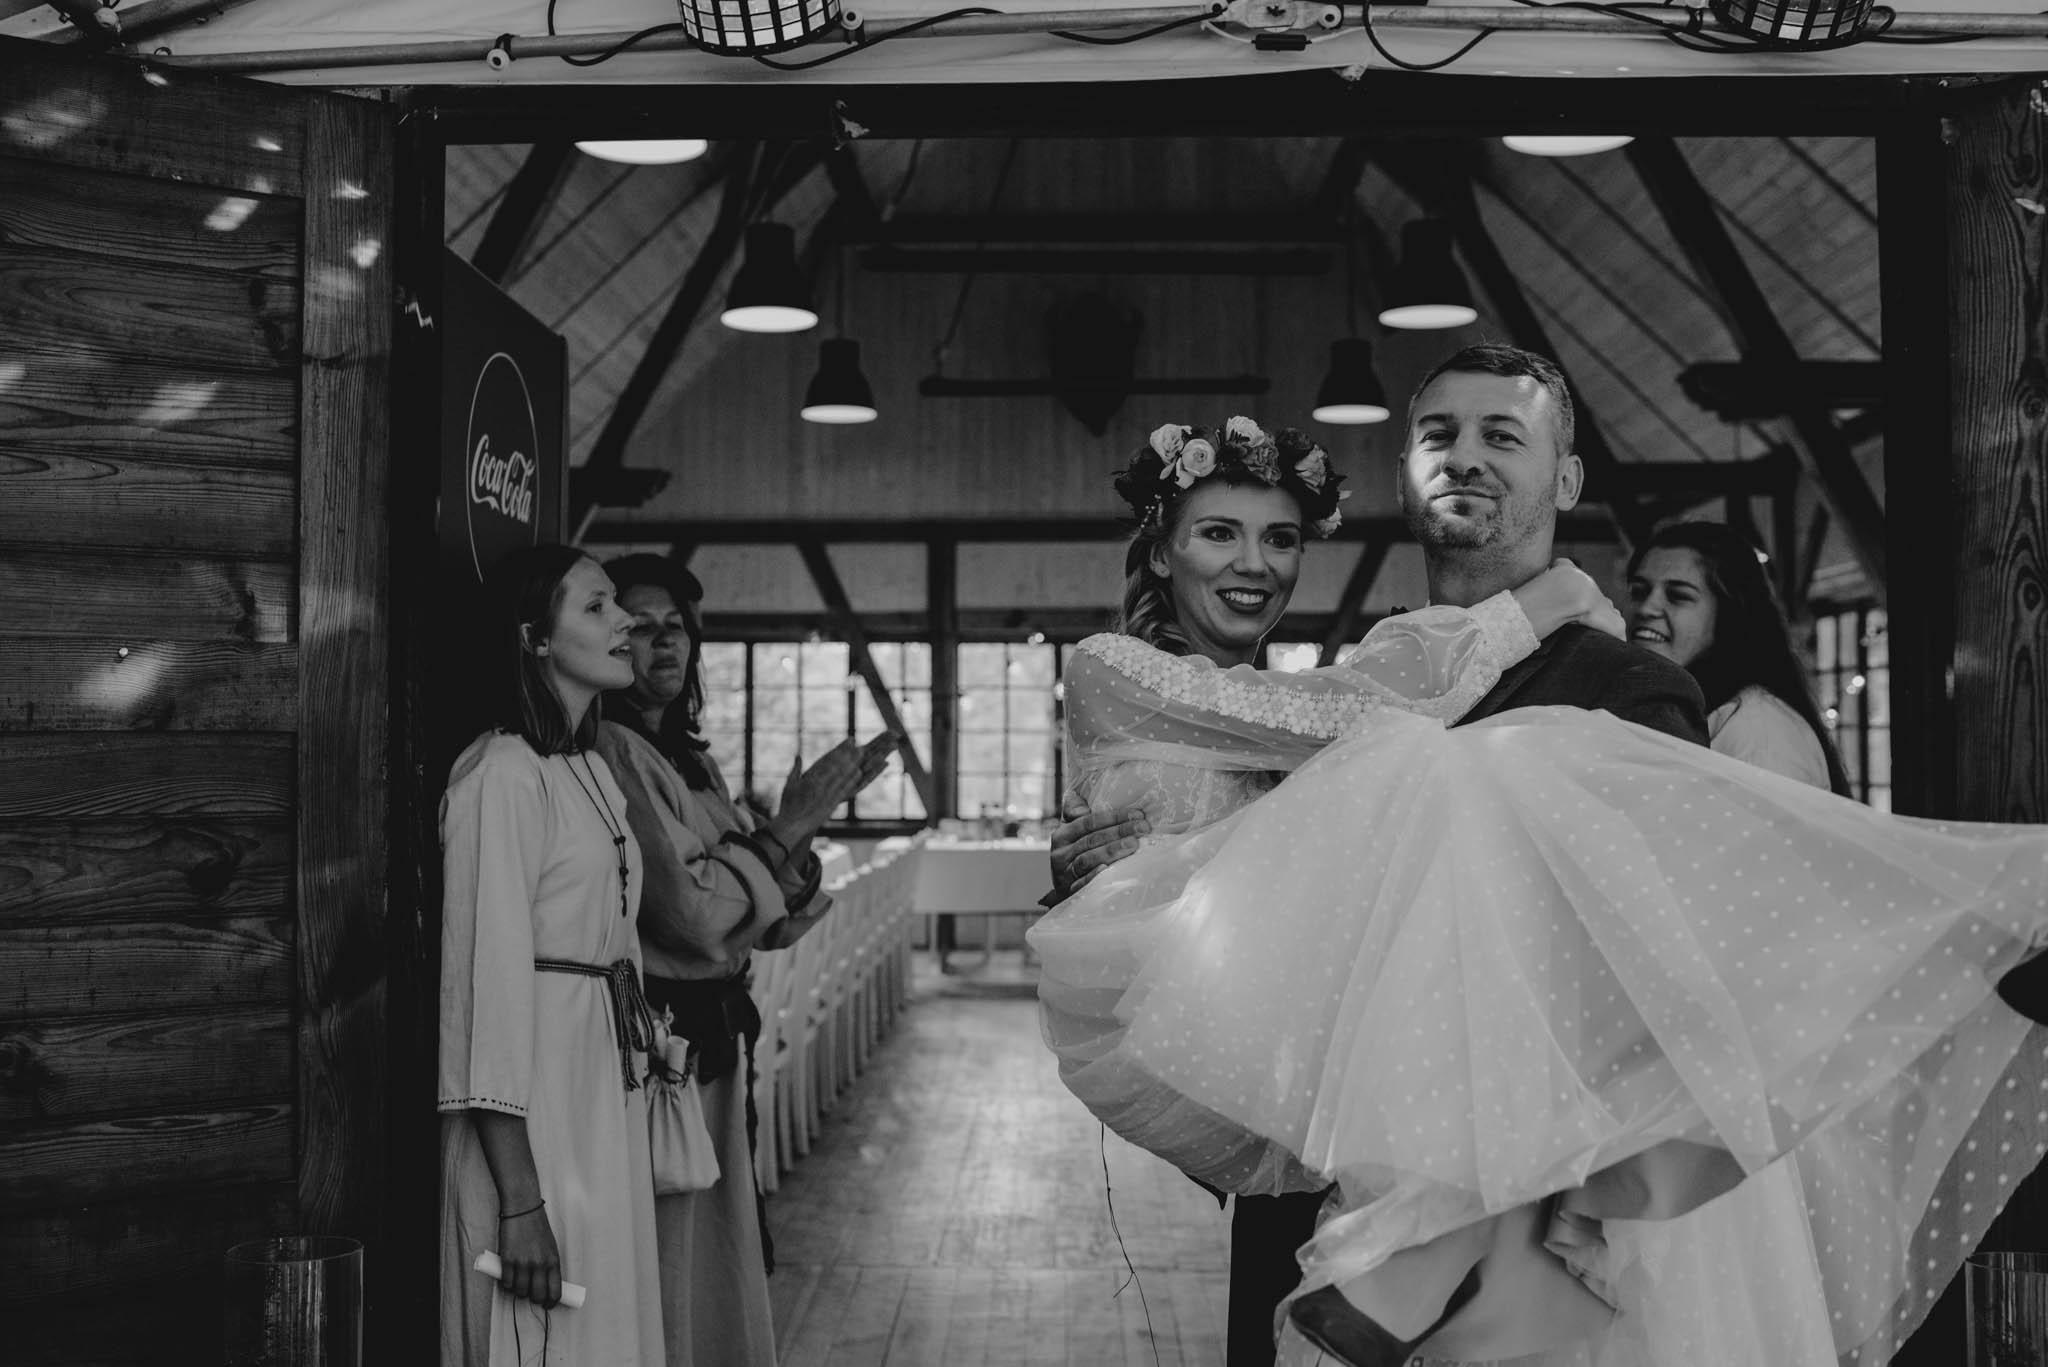 Mąż wnosi żonę na salę weselną - sesja ślubna na Wyspie Św. Edwarda Zaniemyśl